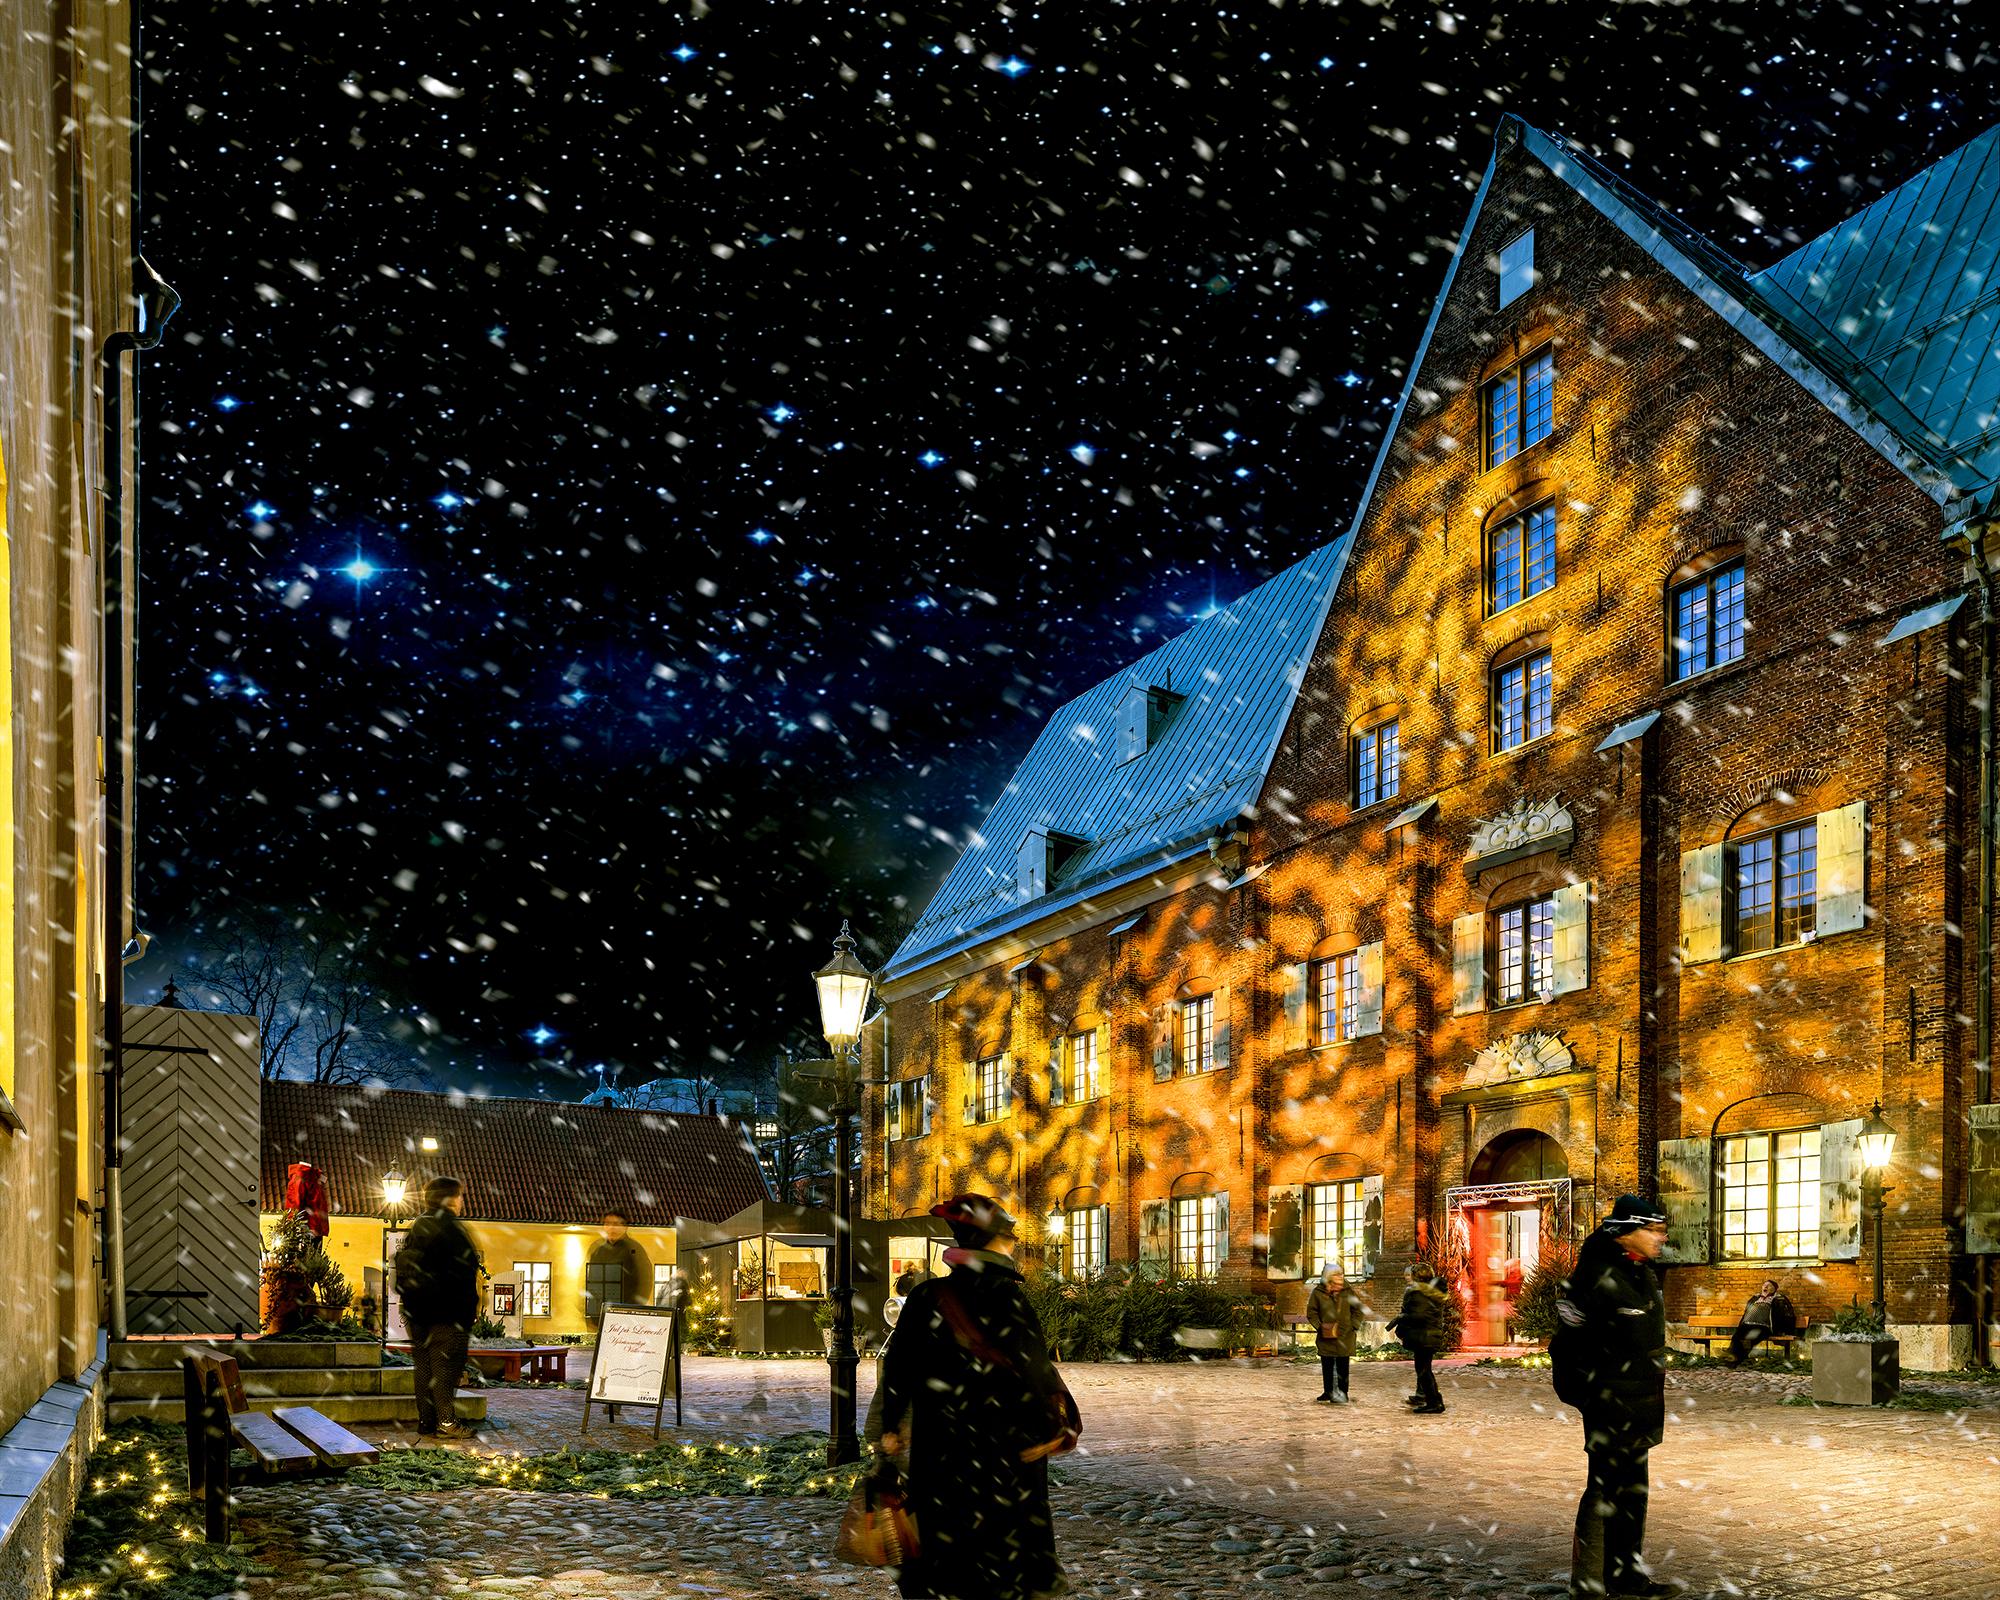 Snöfall över Kronhusgården och Kronhuset